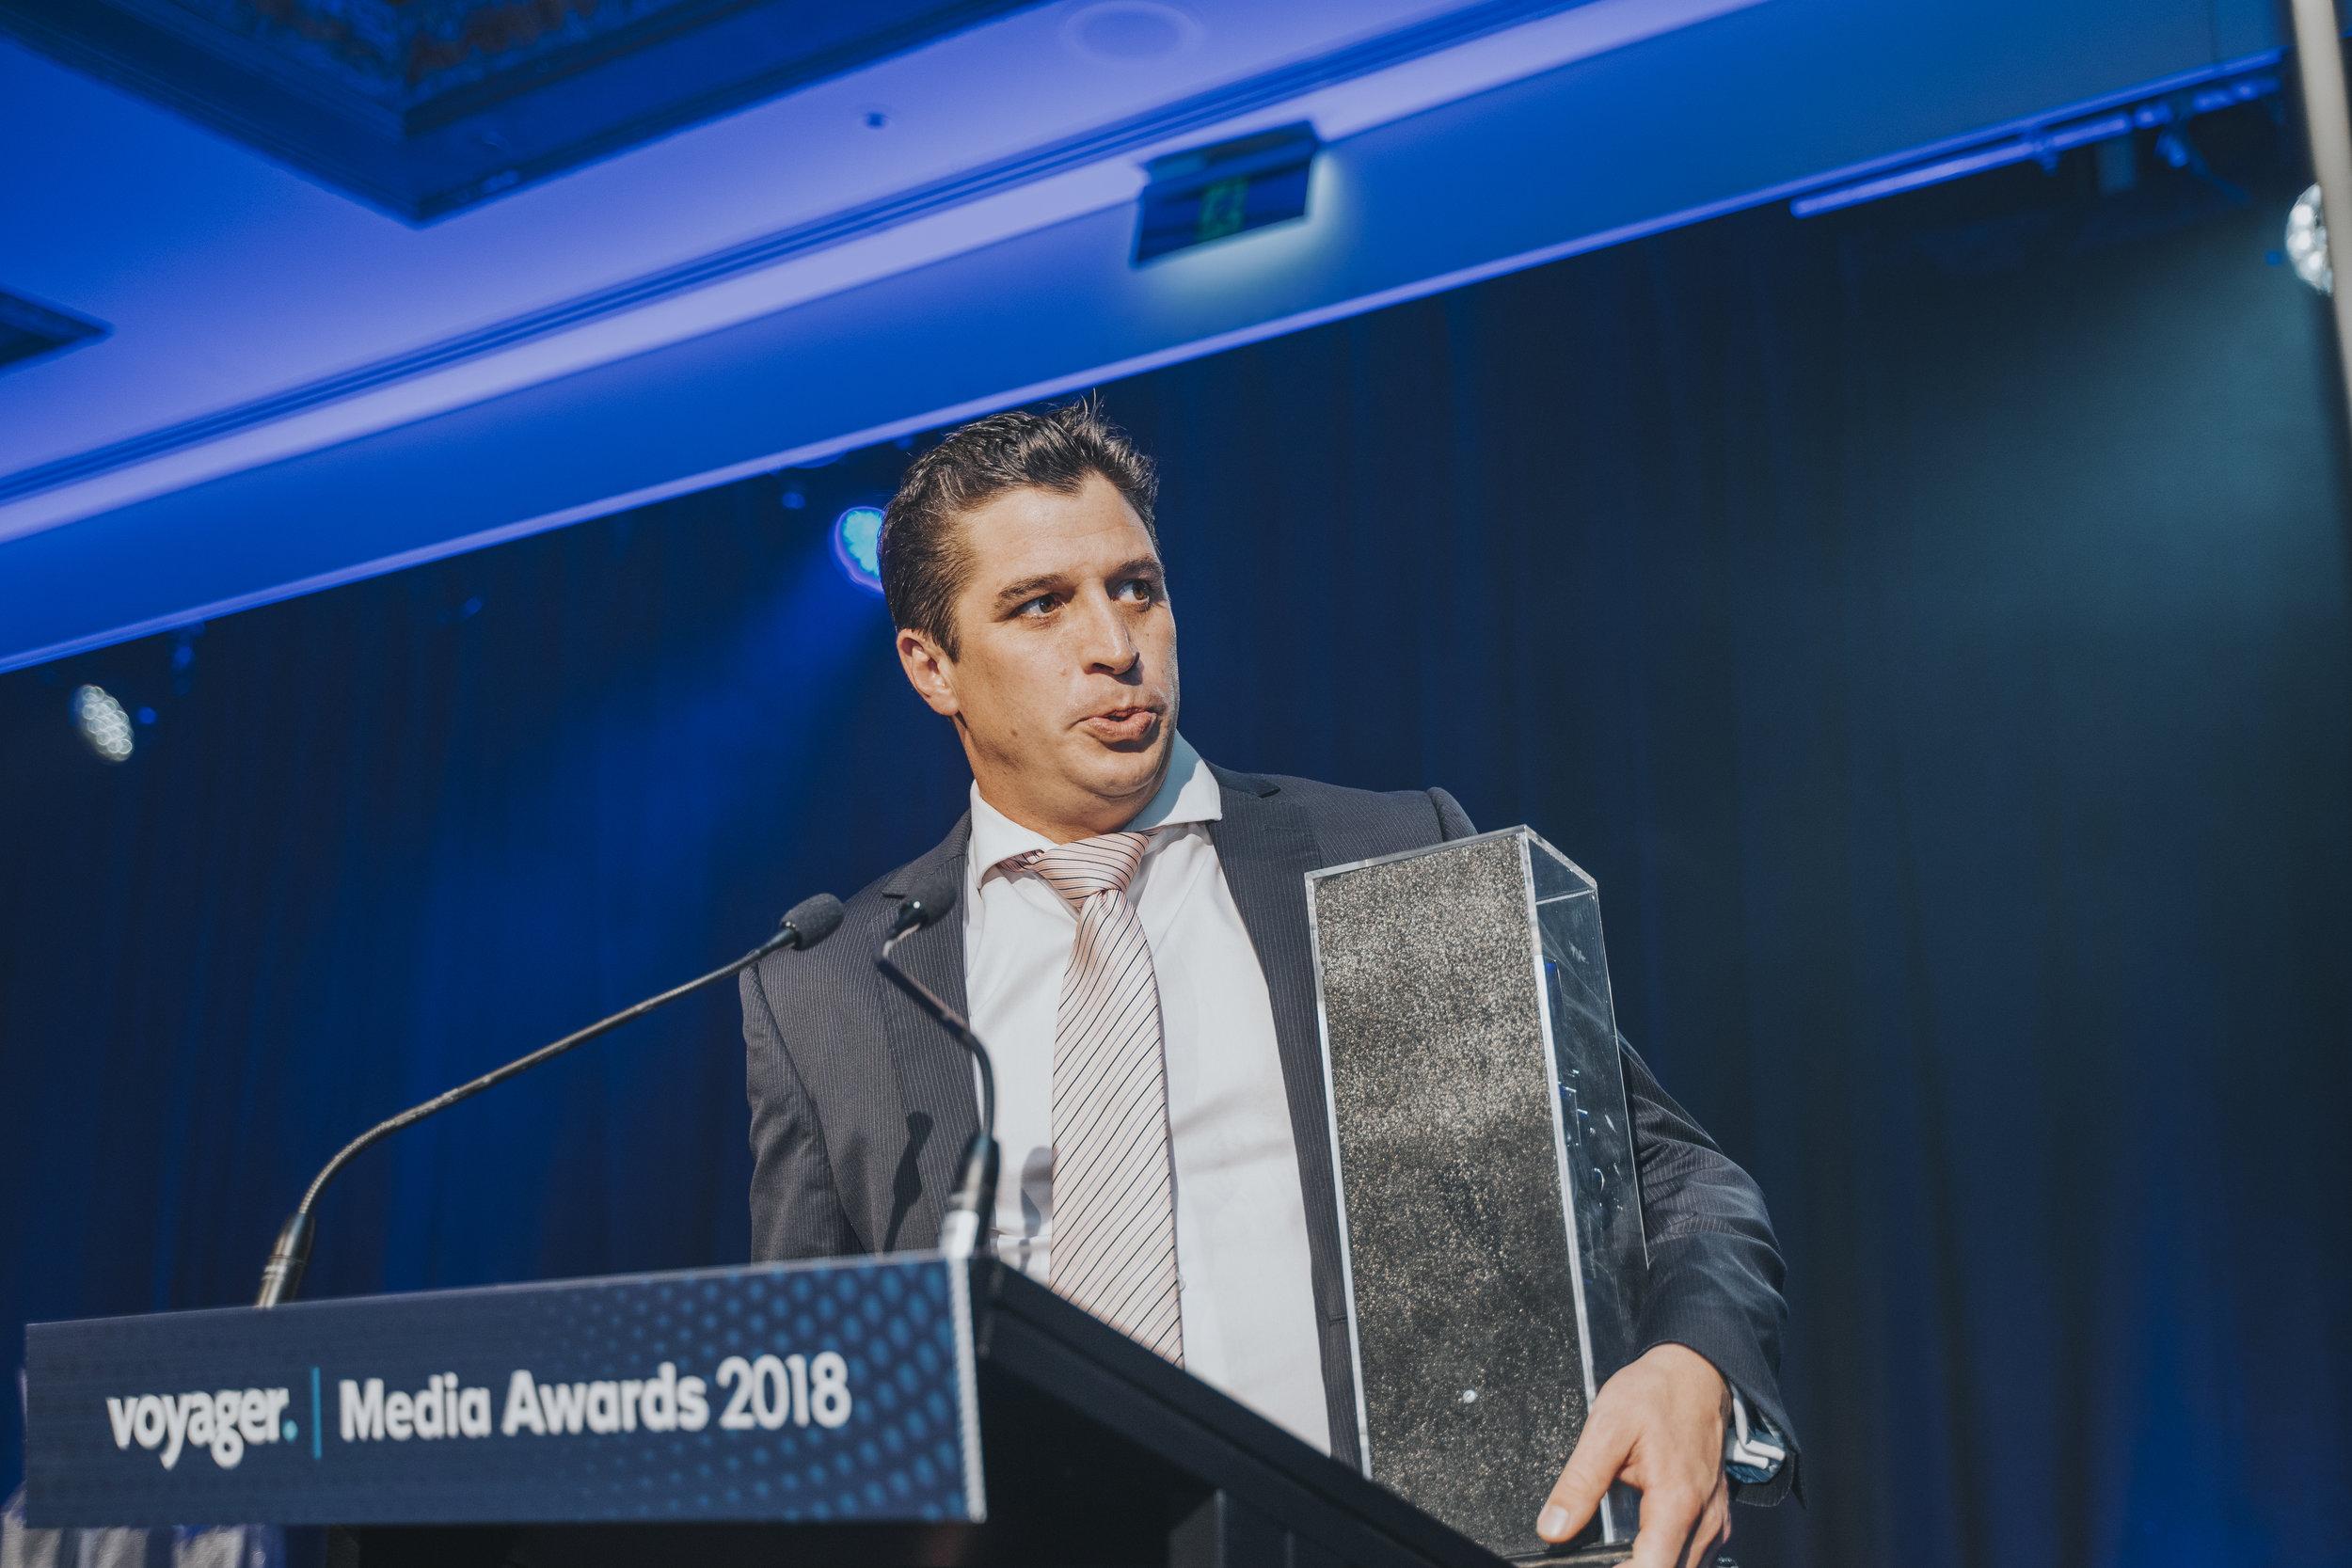 Voyager Media Awards 2018-181.JPG